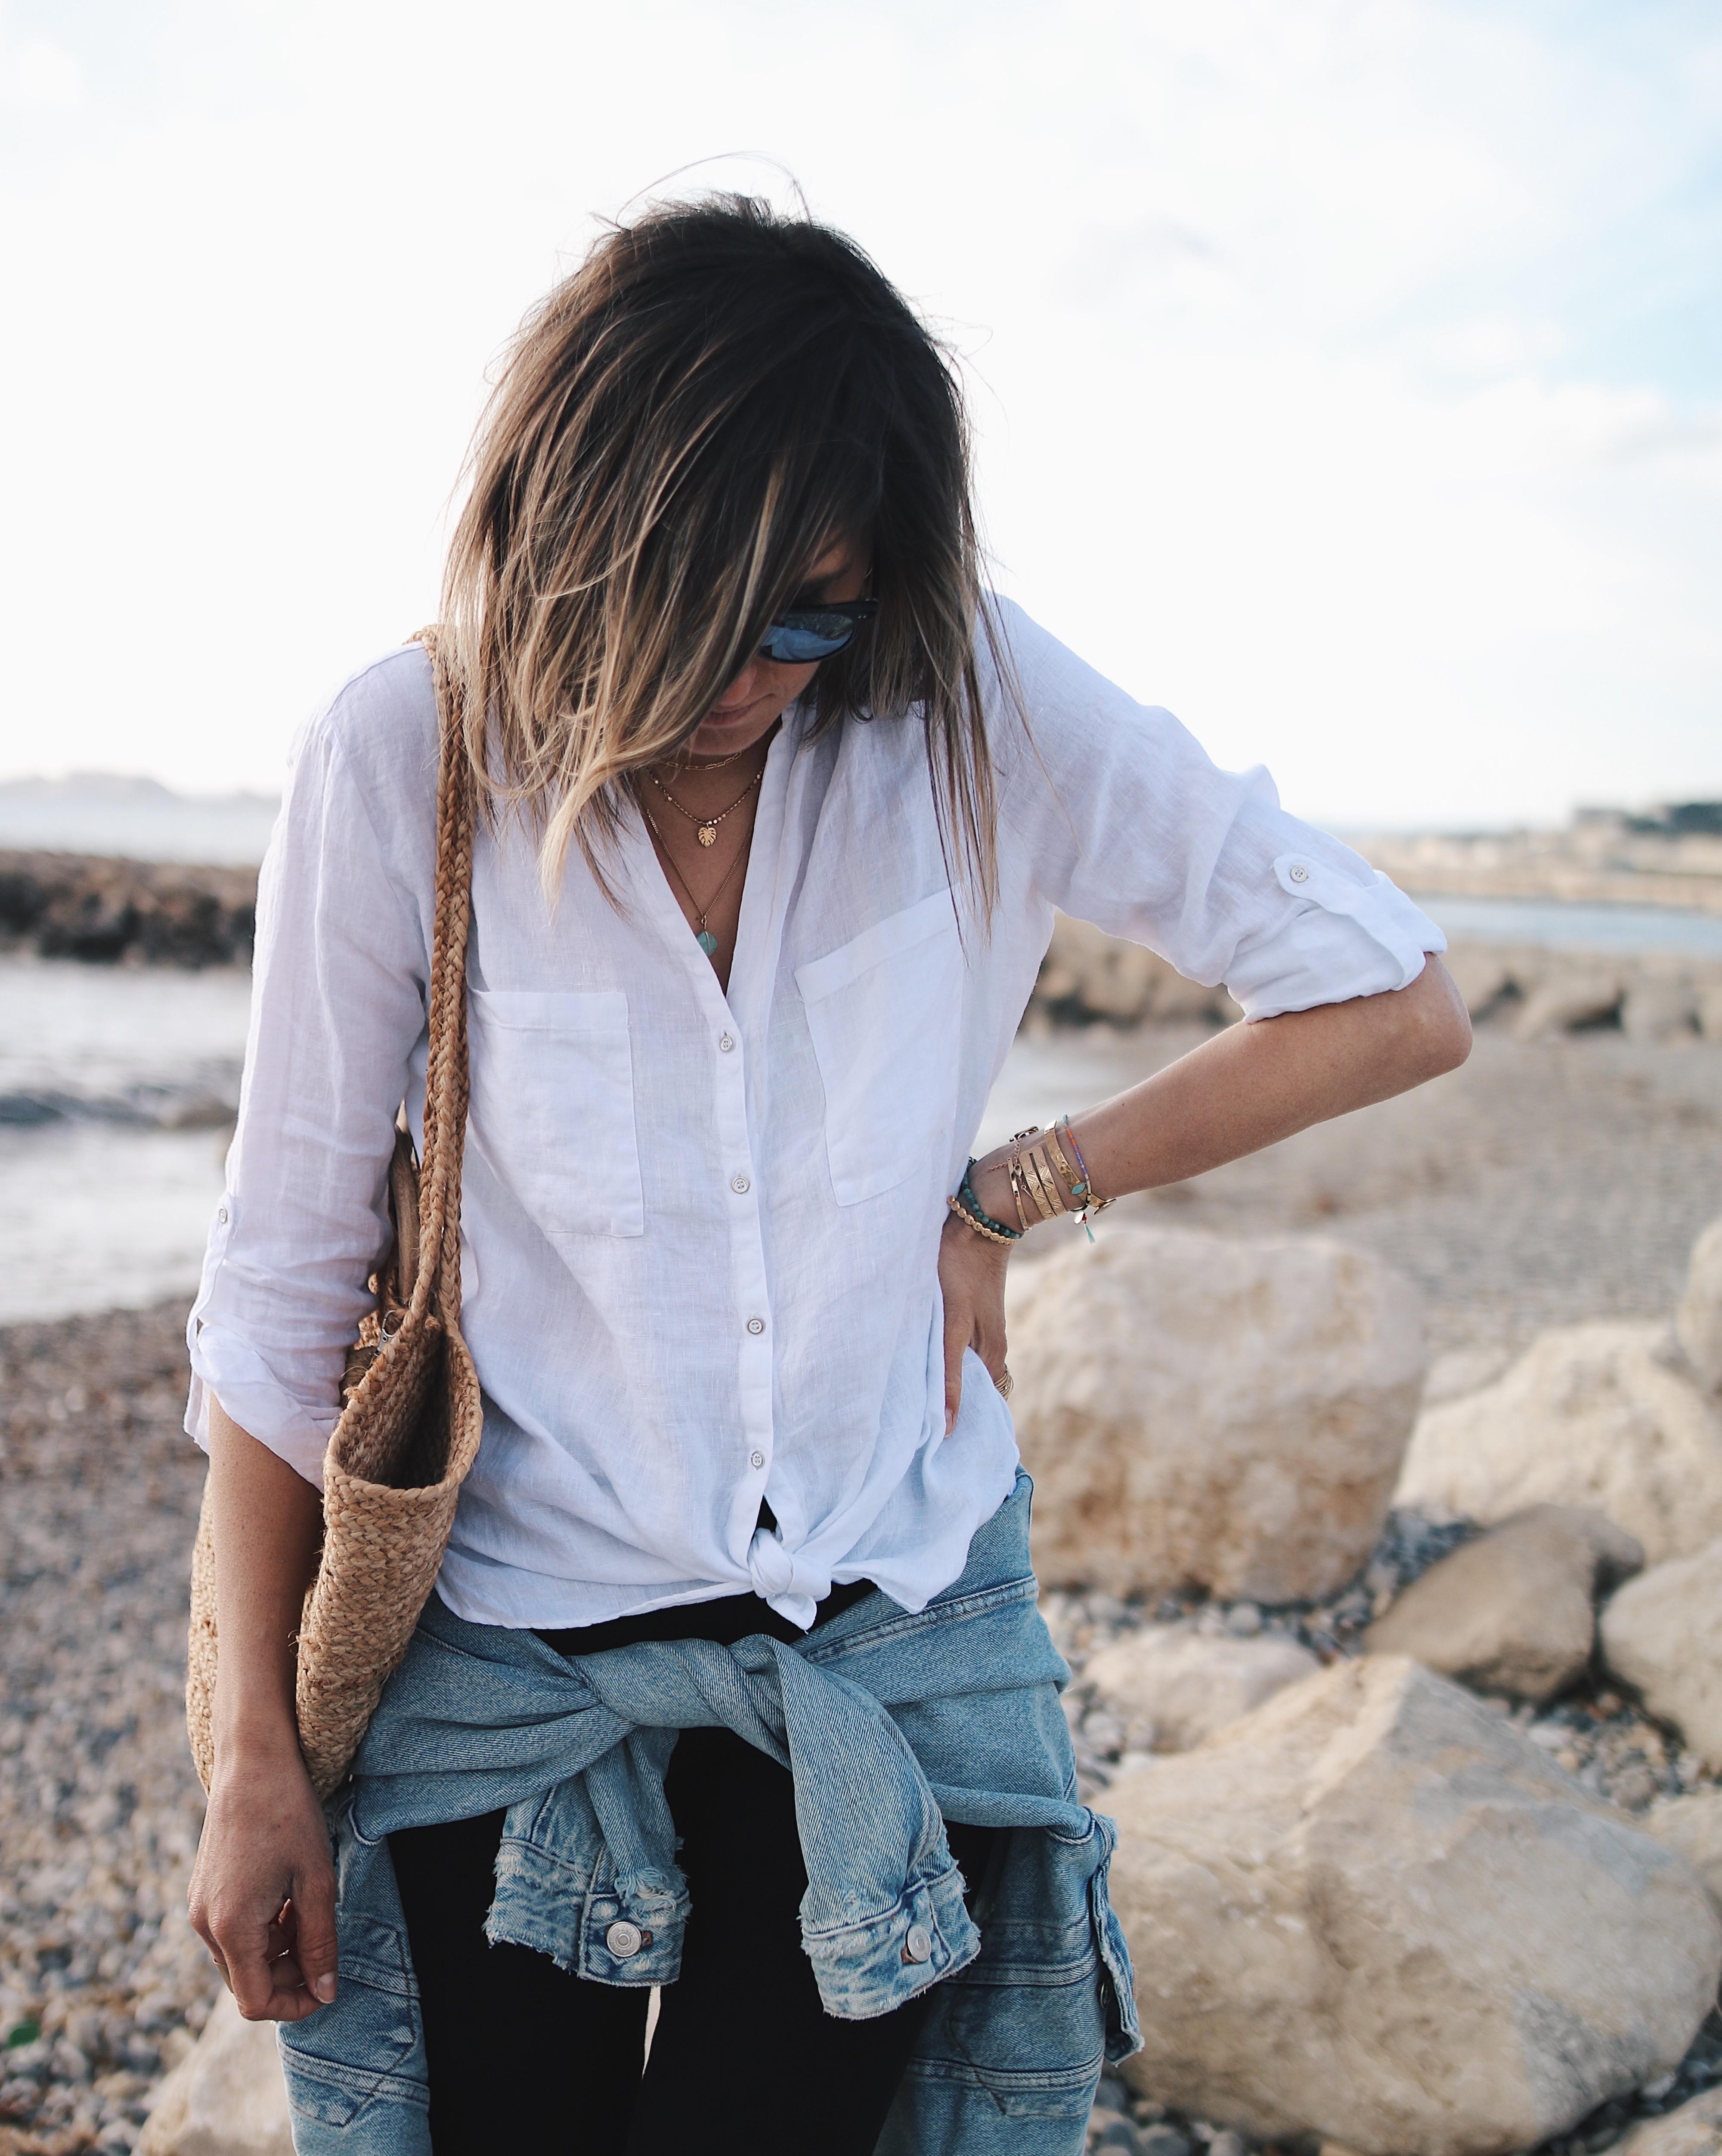 BOUDEUSE - Chon & CHON - WWW.CHONANDCHON.COM casuel and beachy style, white linen shirt. Look décontracté, chemise en lin, espadrille, panier en osier, veste en jeans